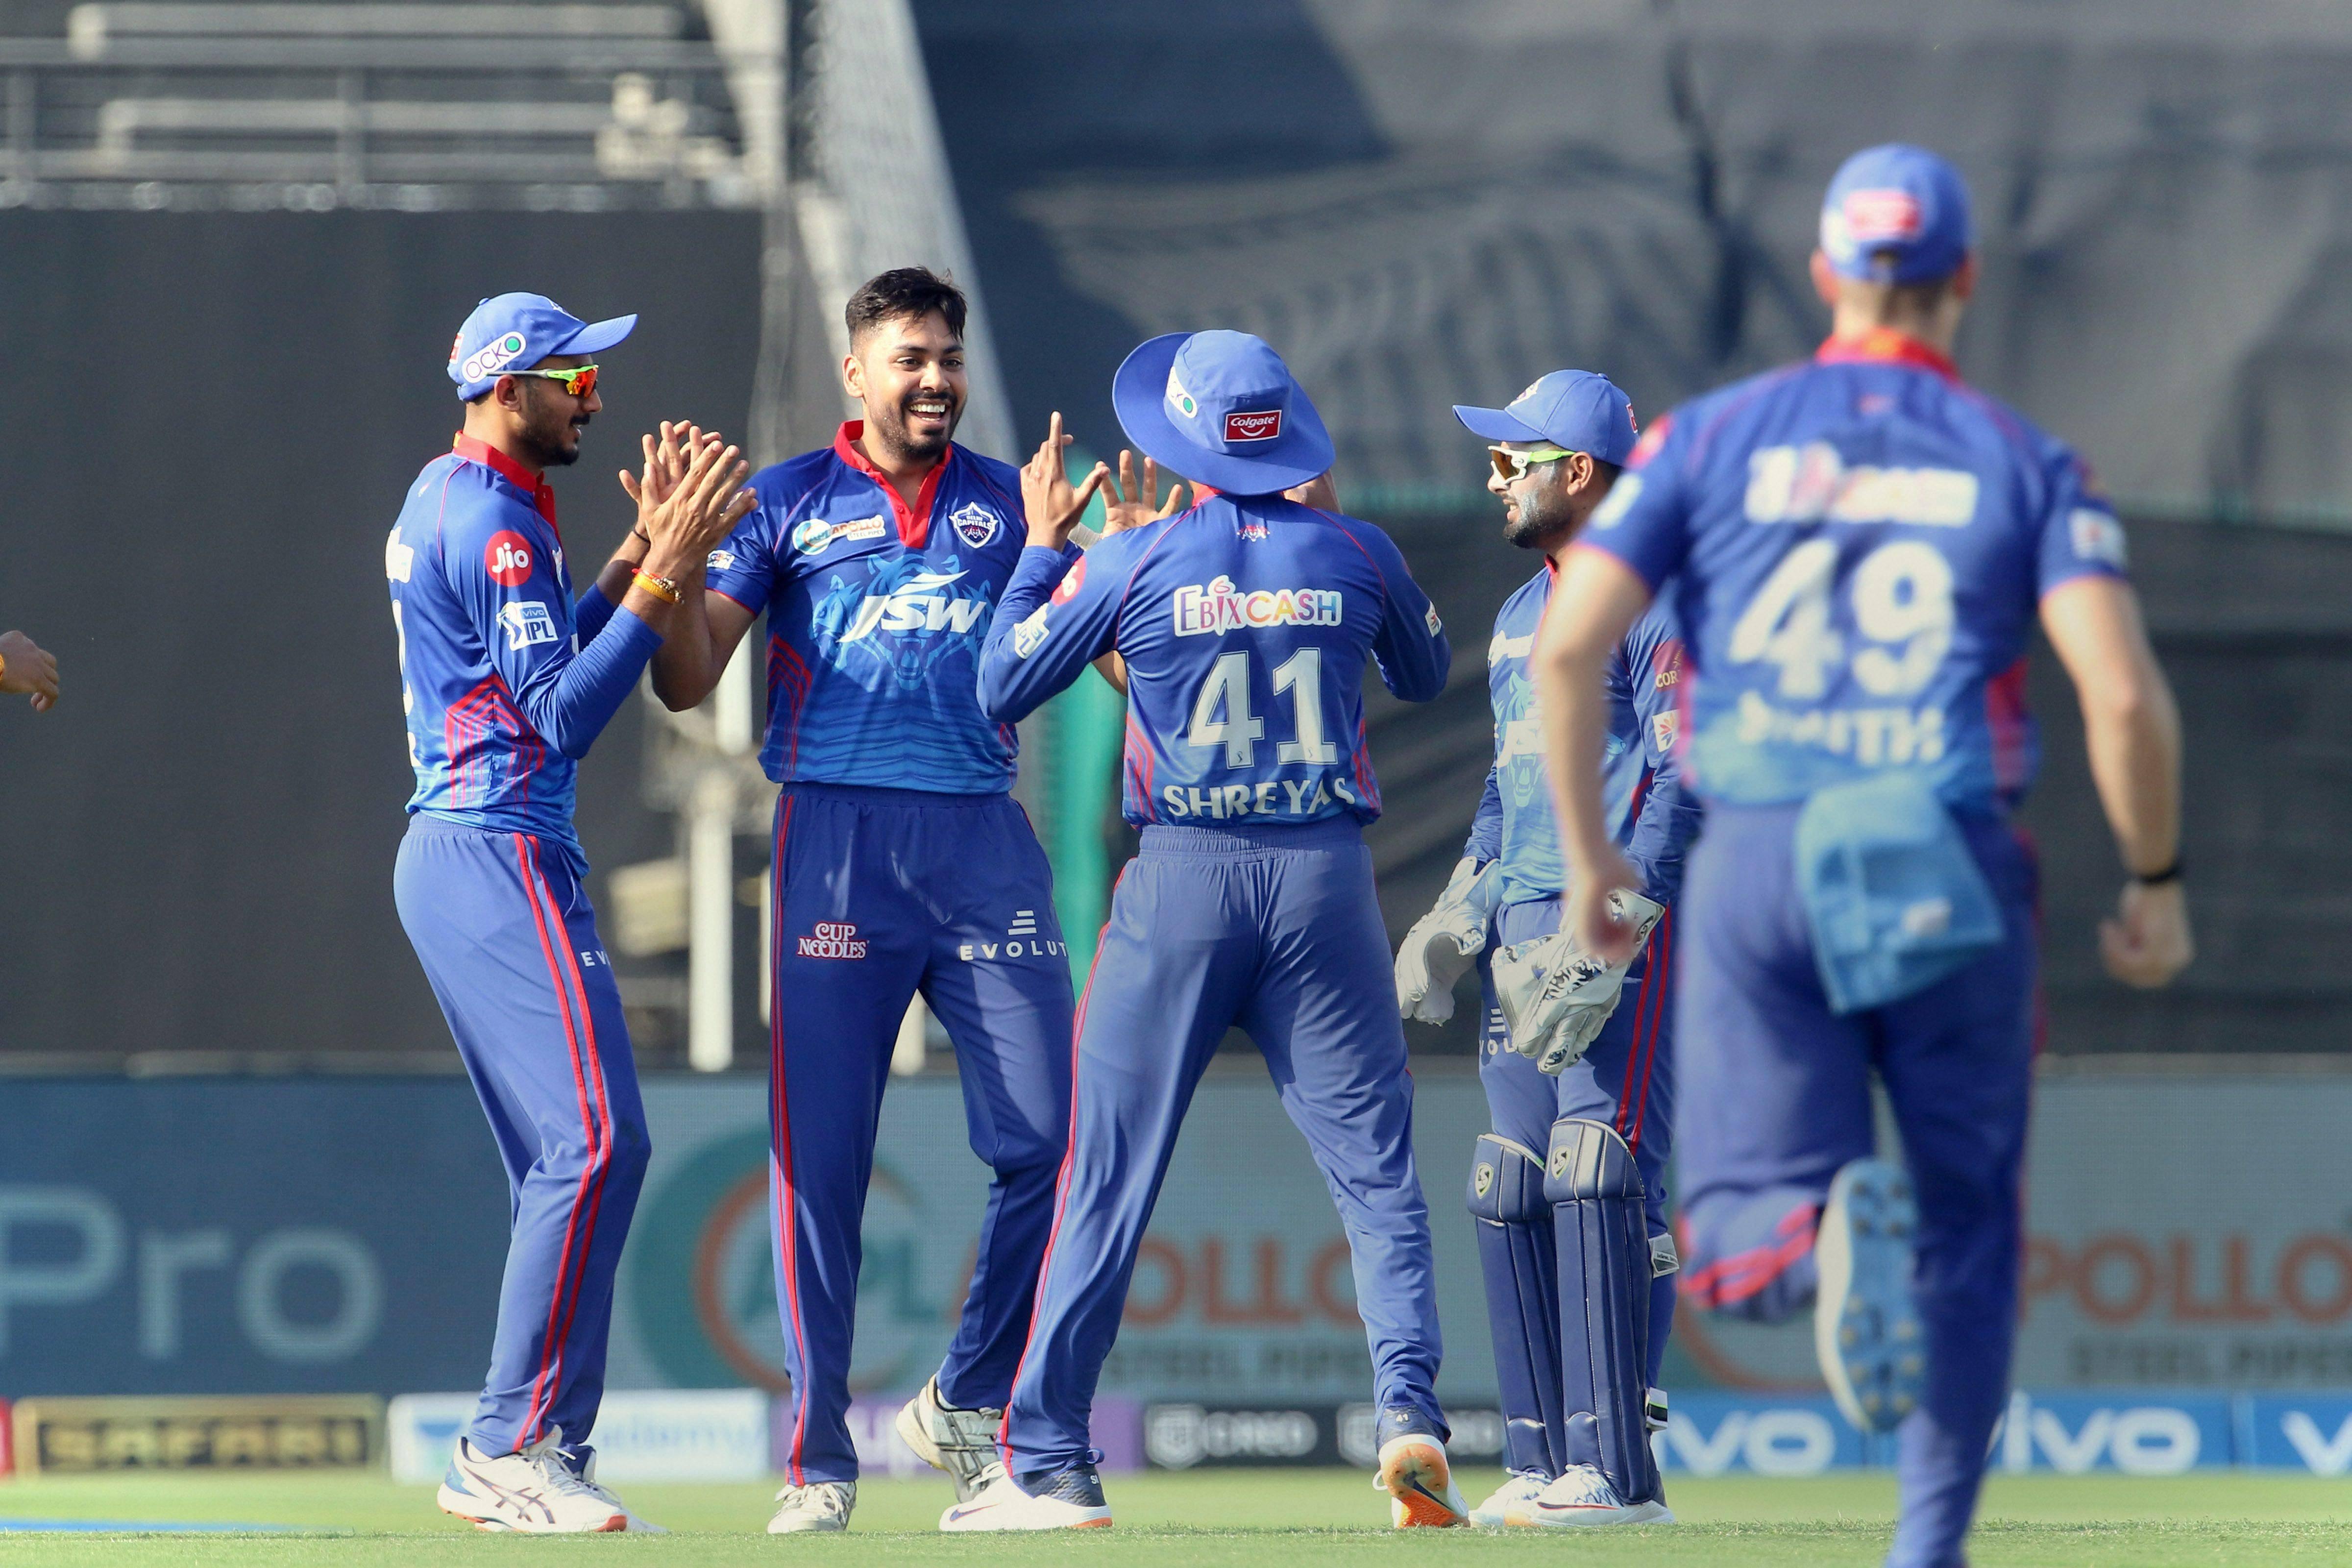 IPL 2021: Delhi beat Rajasthan in low-scoring game